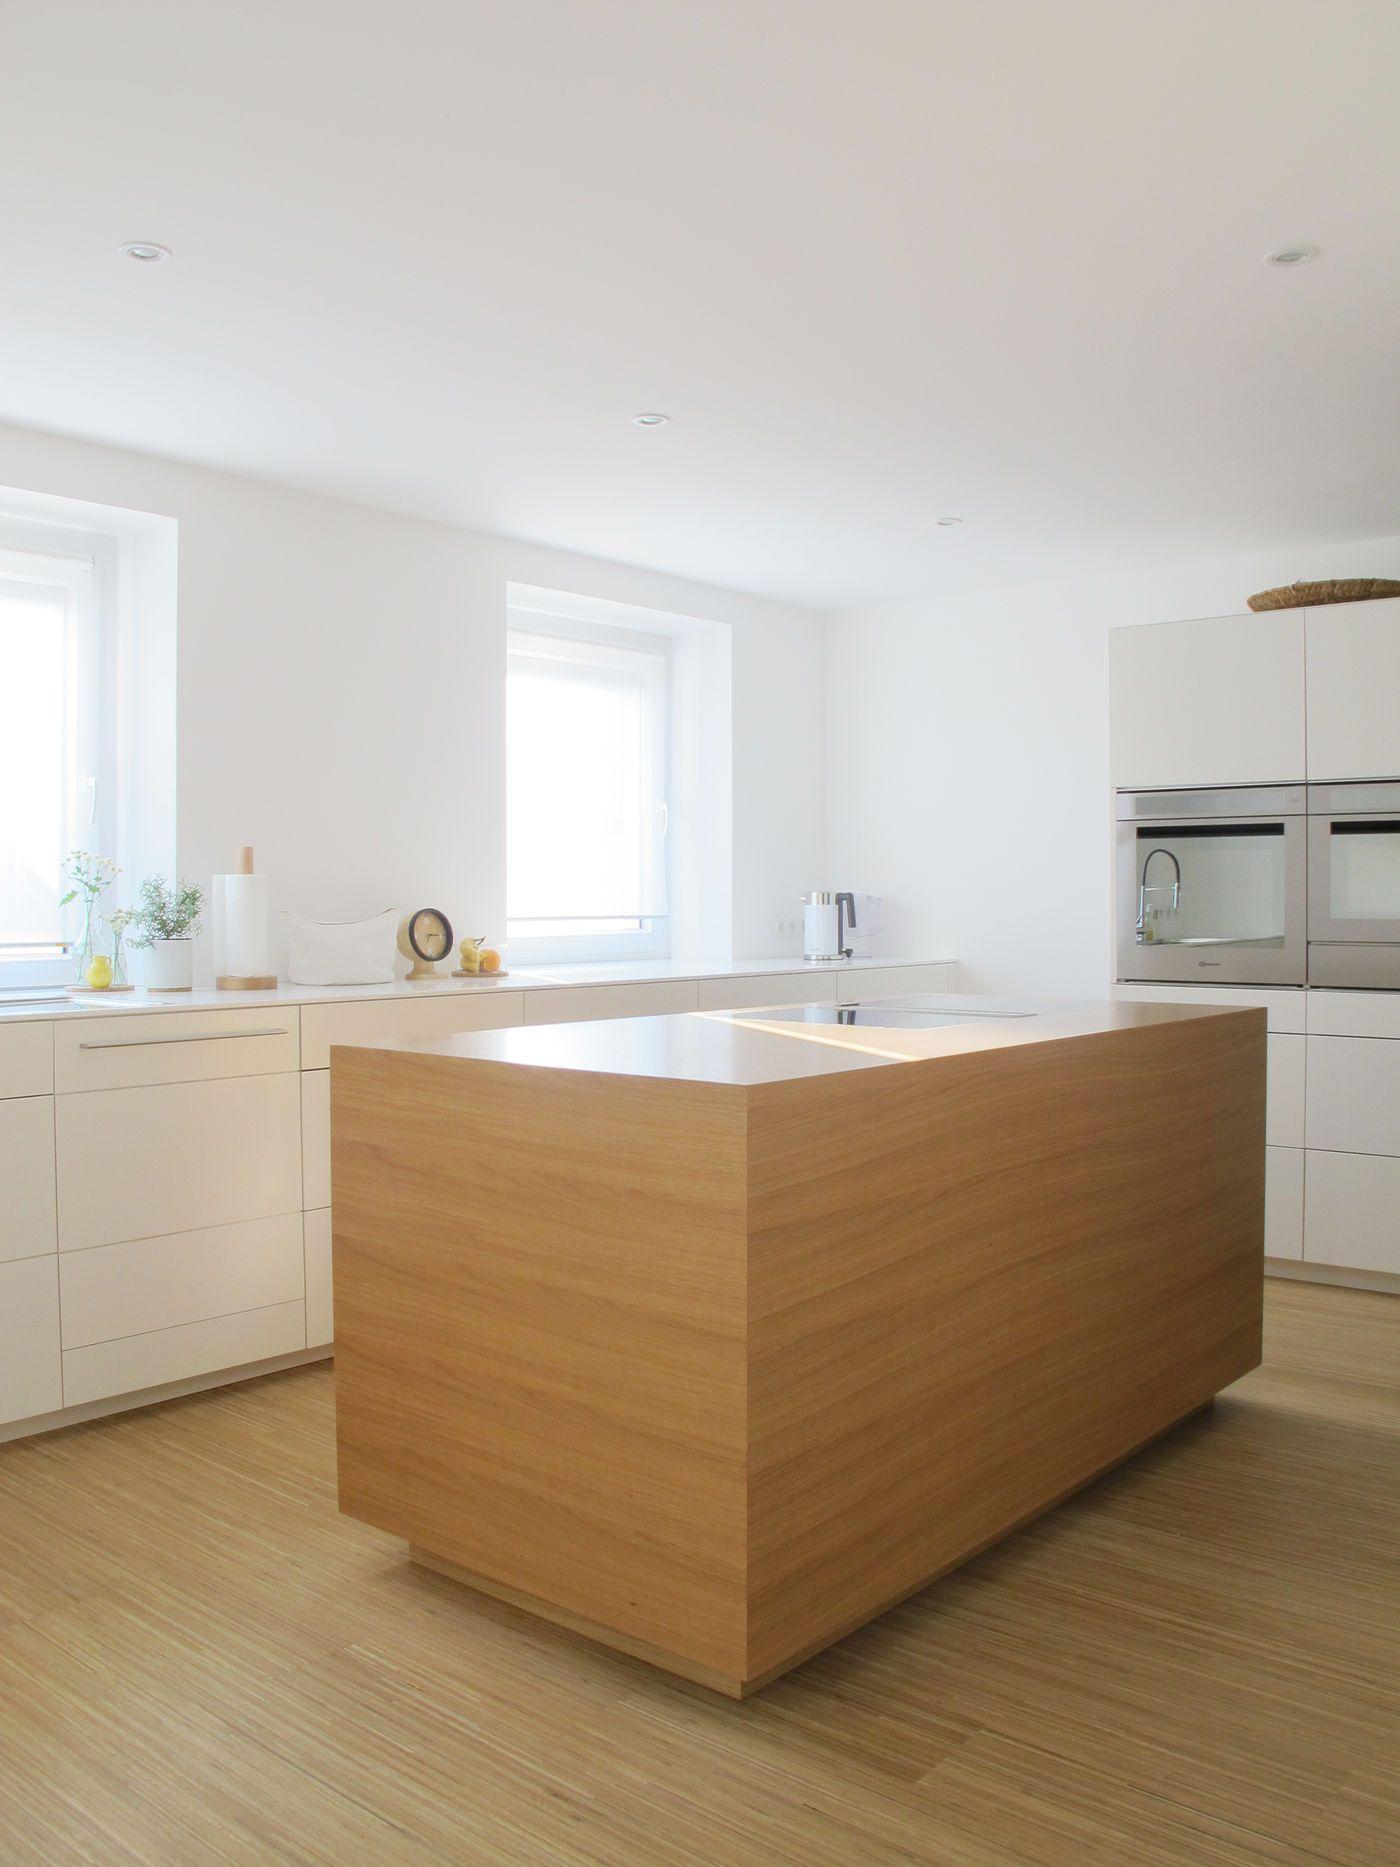 Einbauküche Planen Tipps   Amerikanische Küche Planen Holzhaus ...